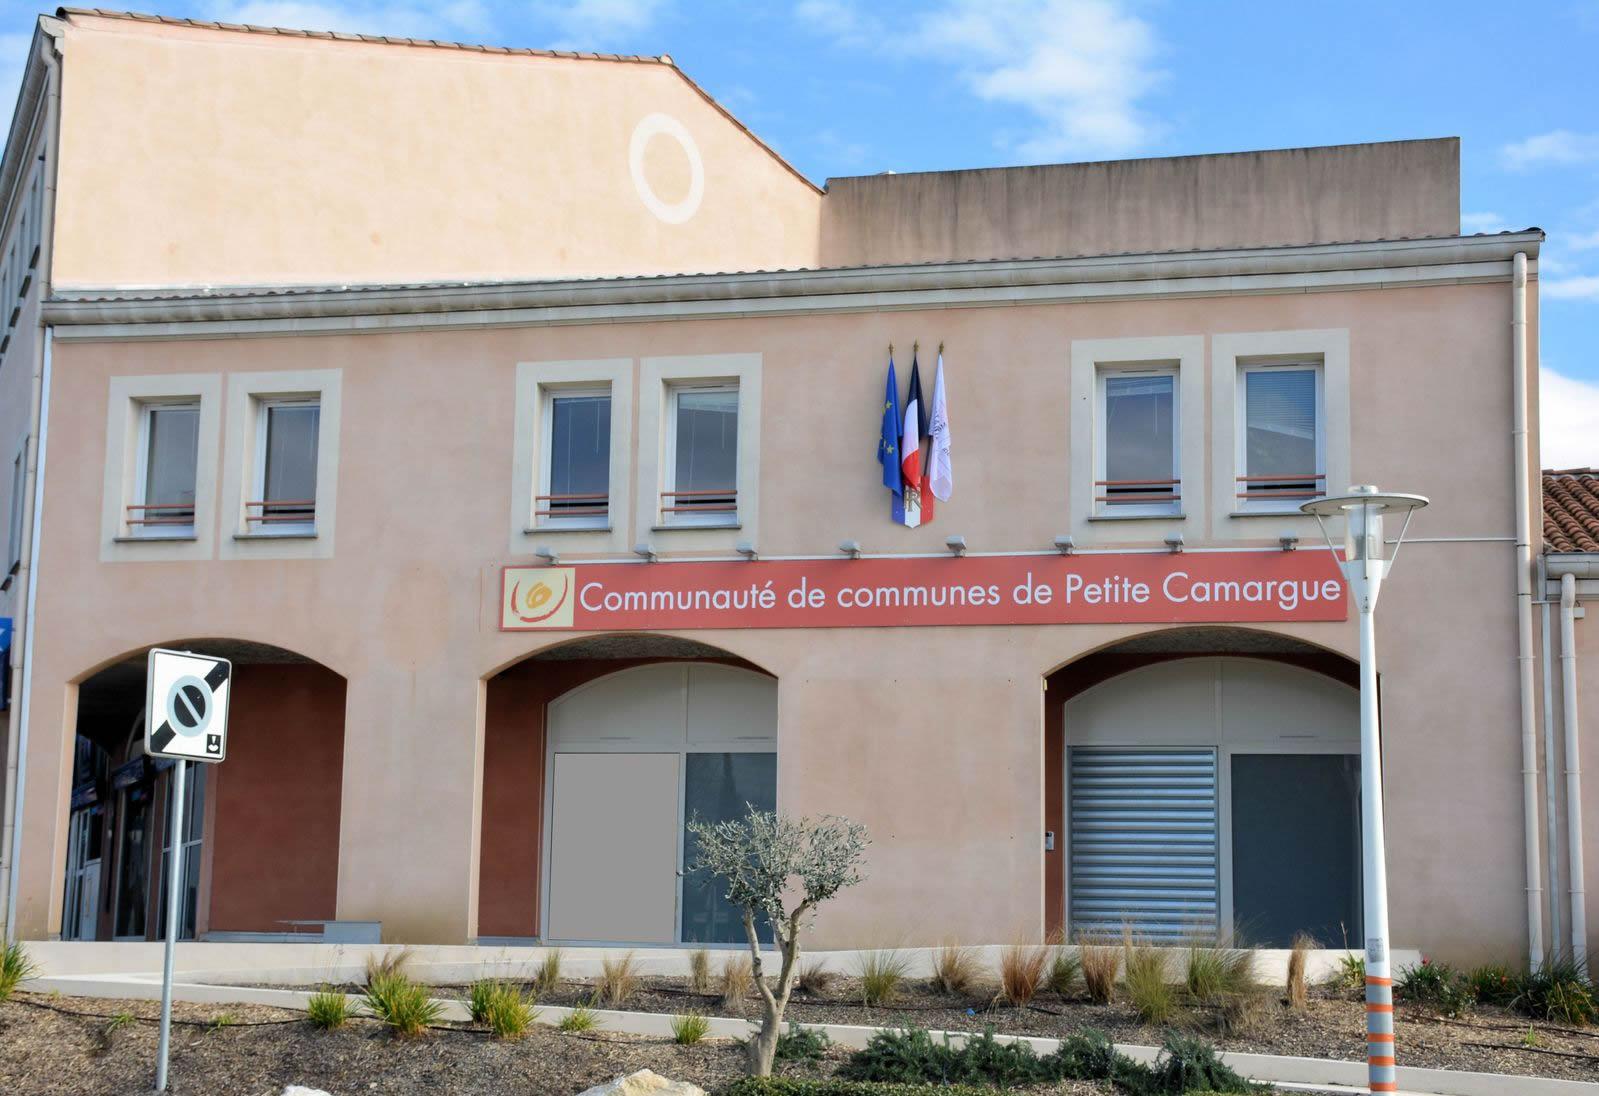 siège communauté de communes de petite camargue